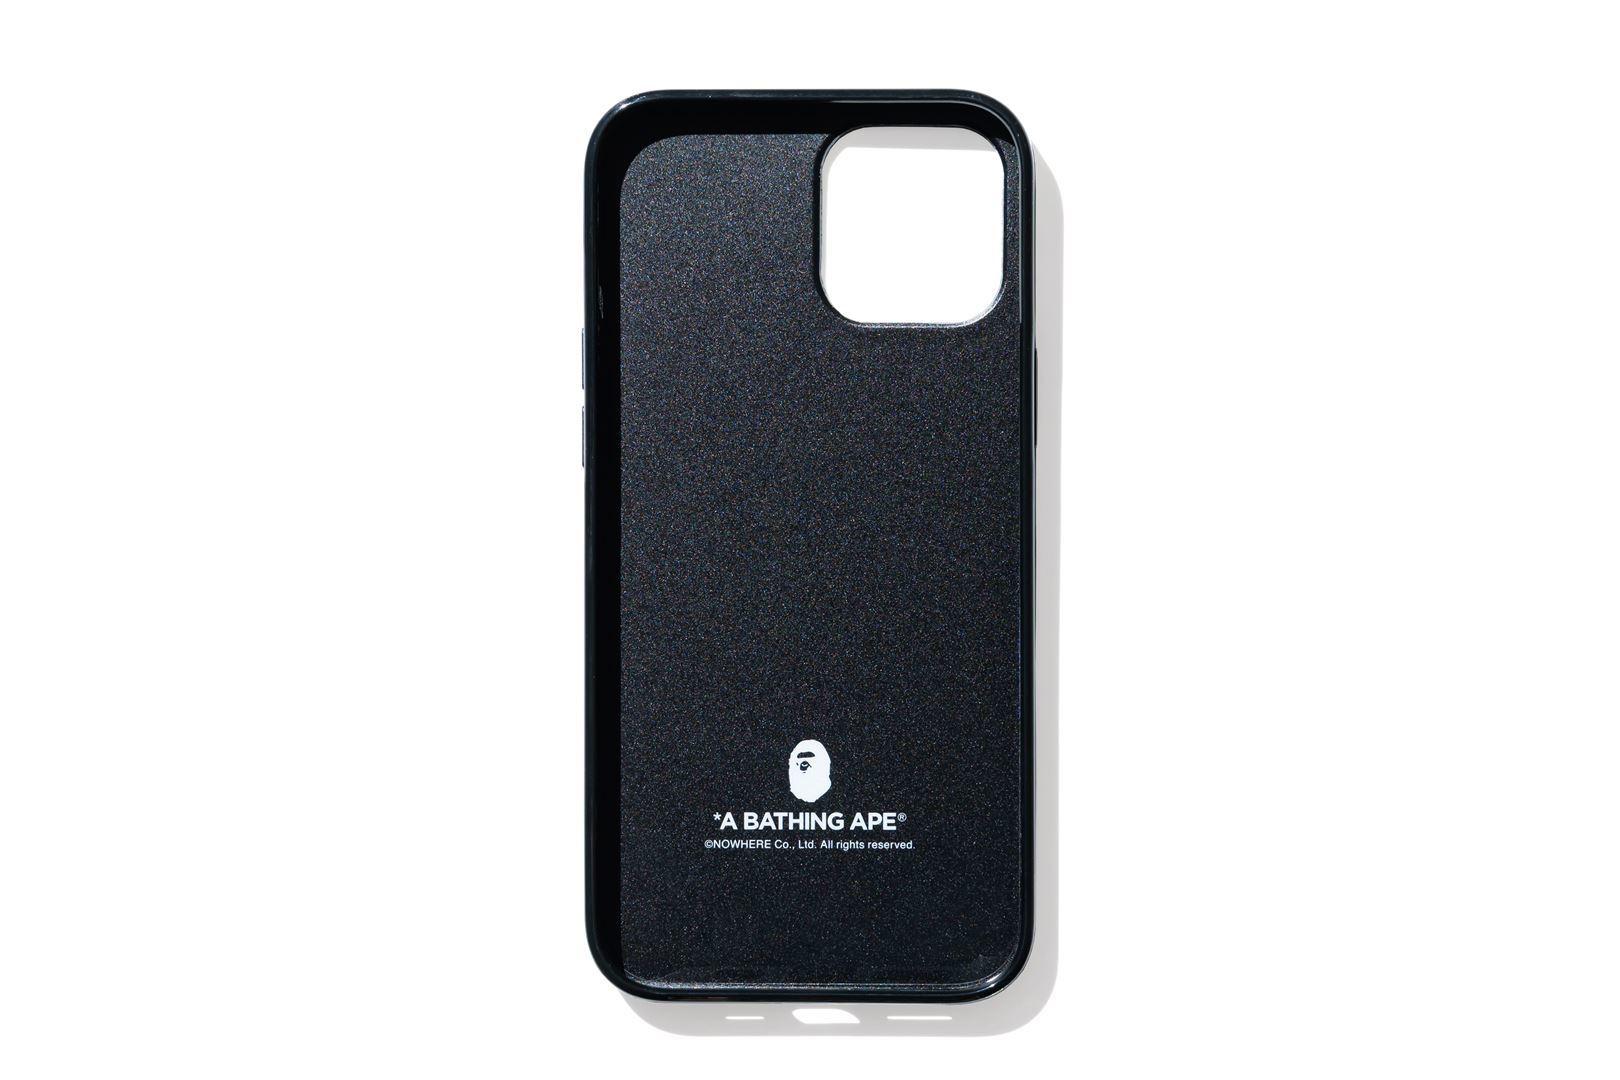 ABC CAMO iPhone 12 / 12 PRO / 12 PRO MAX / 12 MINI CASE_a0174495_12010751.jpg